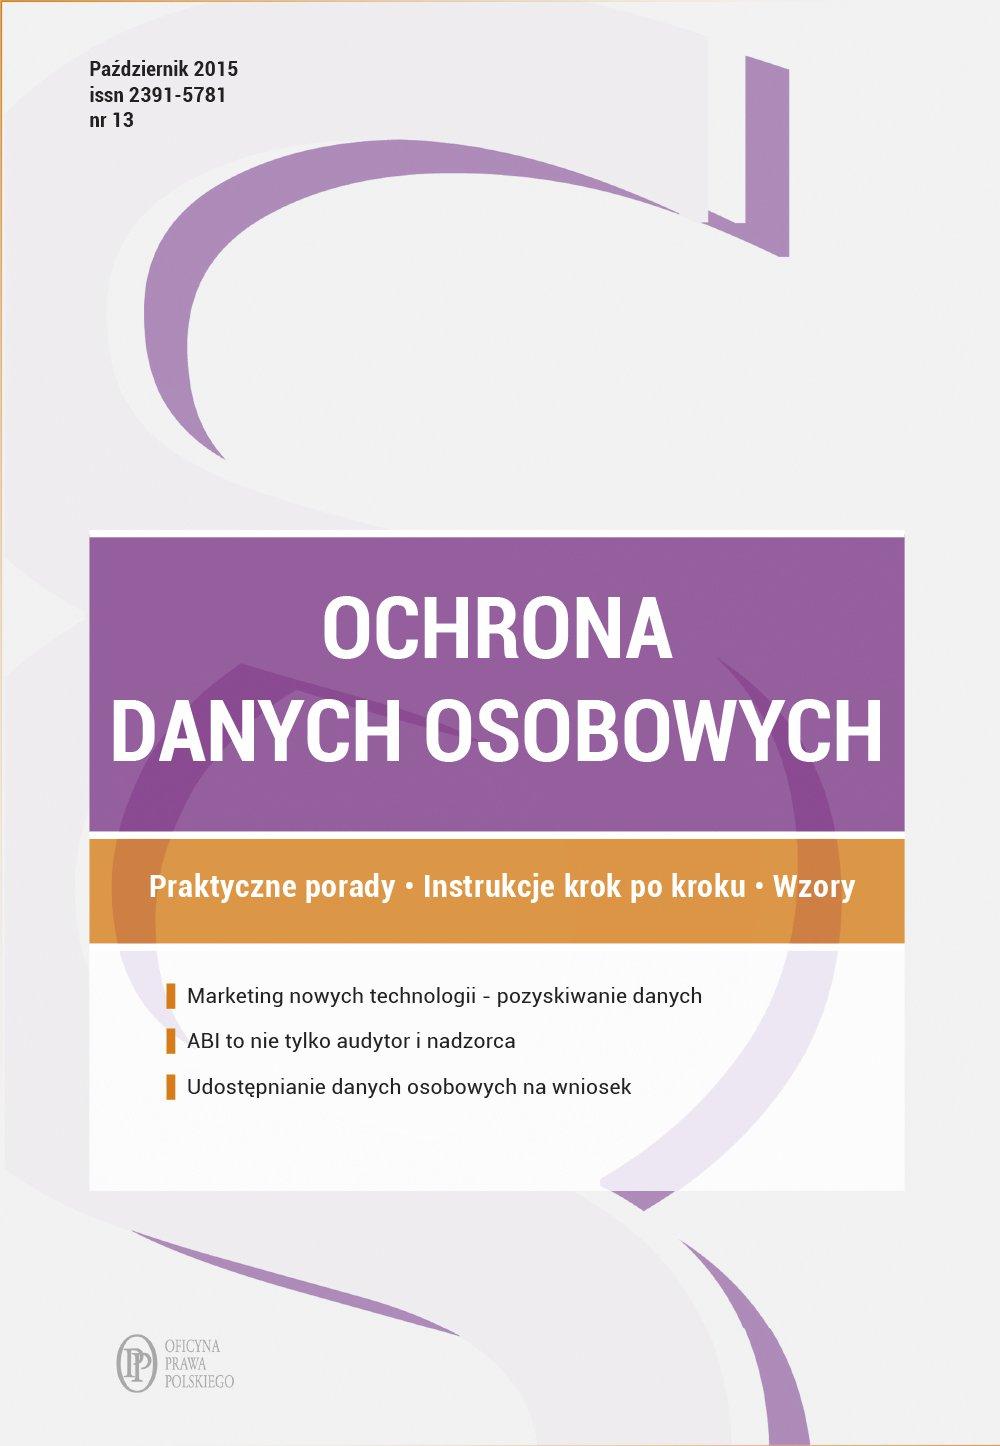 Ochrona danych osobowych - wydanie: październik 2015 r. - Ebook (Książka PDF) do pobrania w formacie PDF